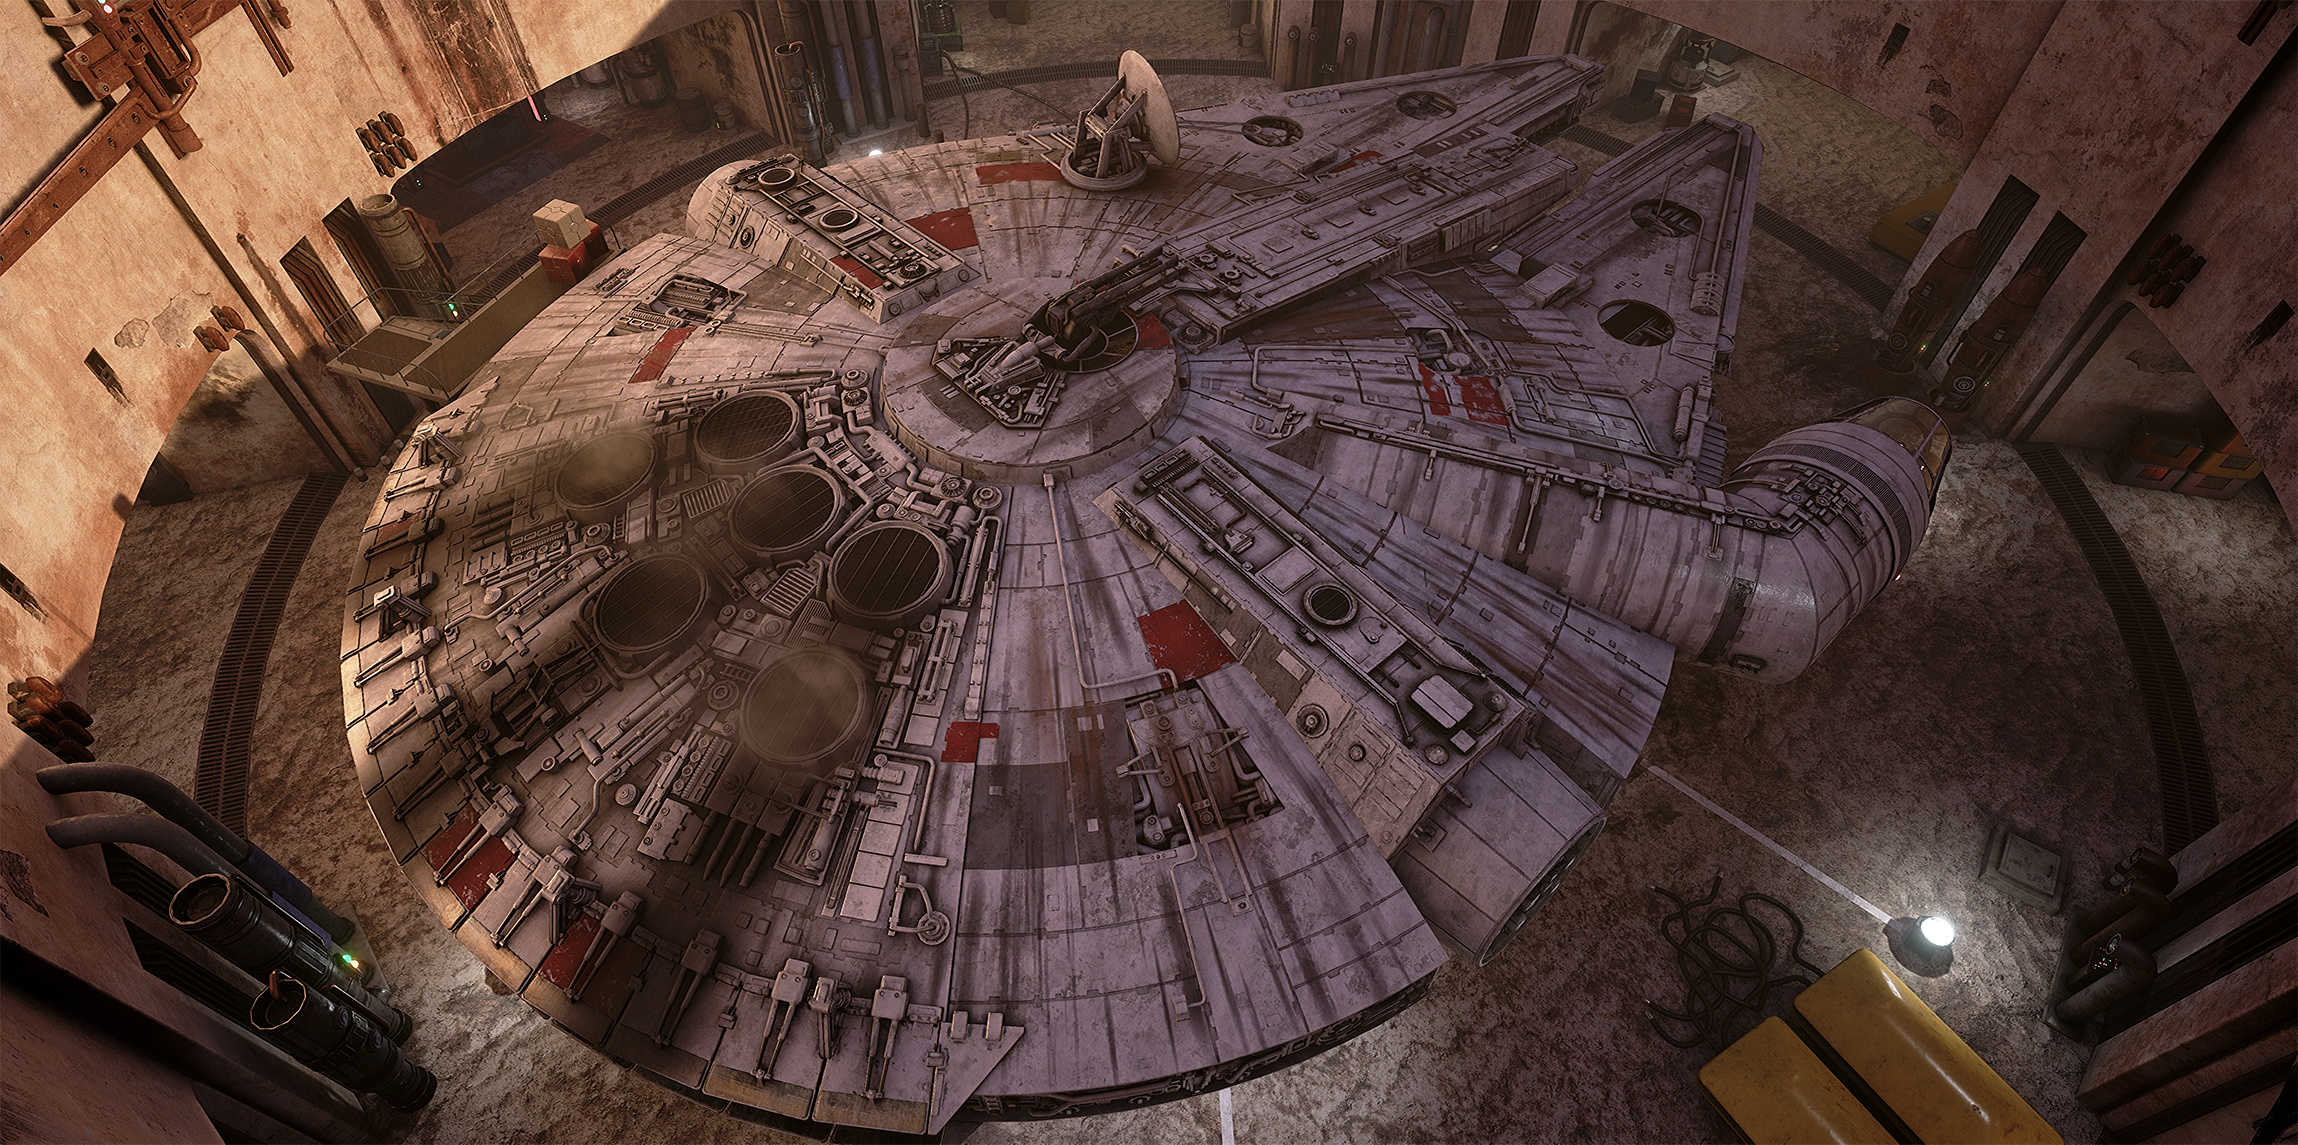 Vývojáři z Obsidianu vytvořili překrásnou Star Wars scenérii v enginu Unreal 4 130533